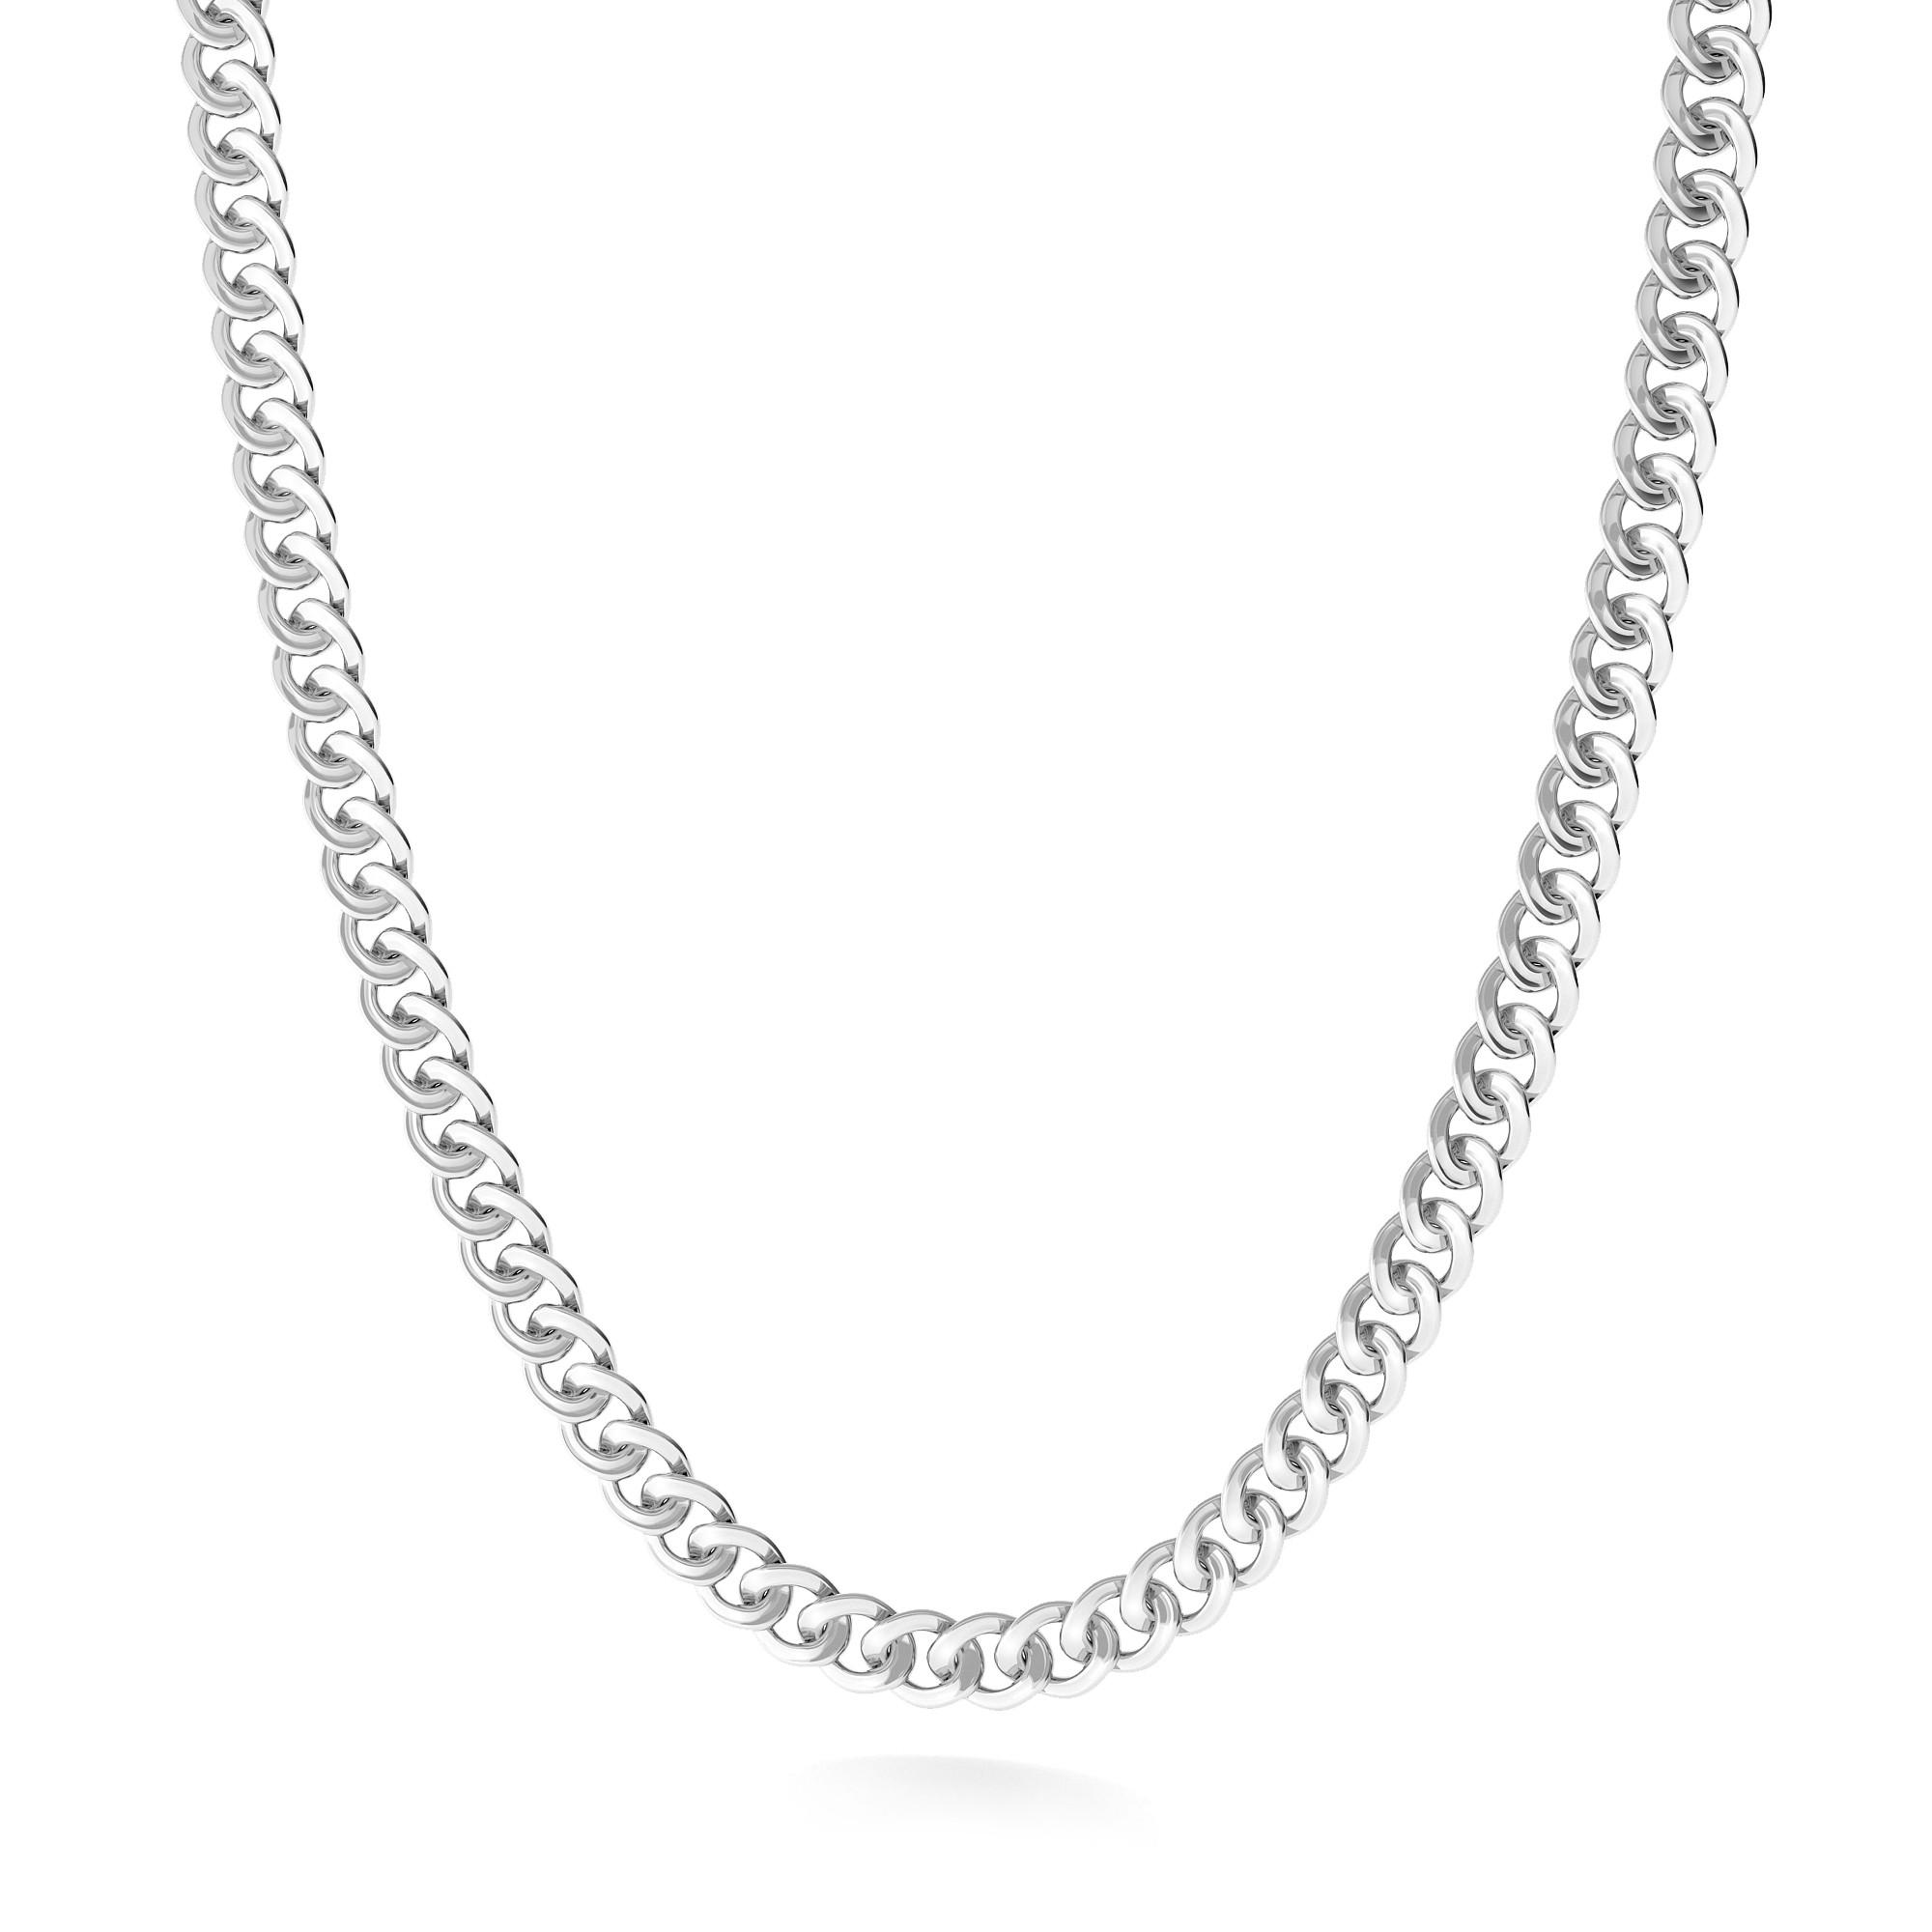 Łańcuszek splot pnacerka dmuchana Mon Defi, srebro 925